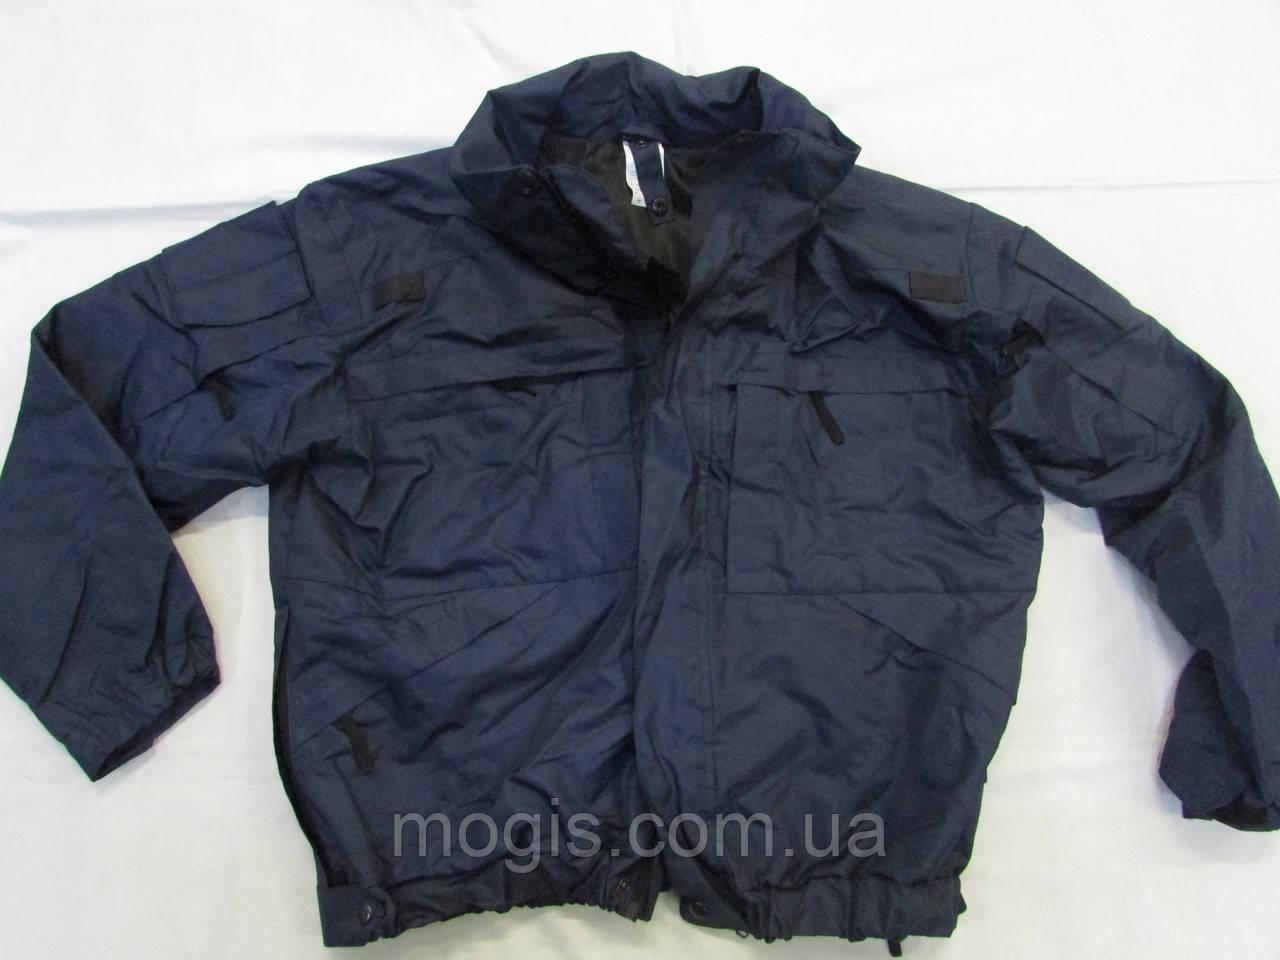 Куртка синяя с флисовой подстежкой для спецподразделений и охраны